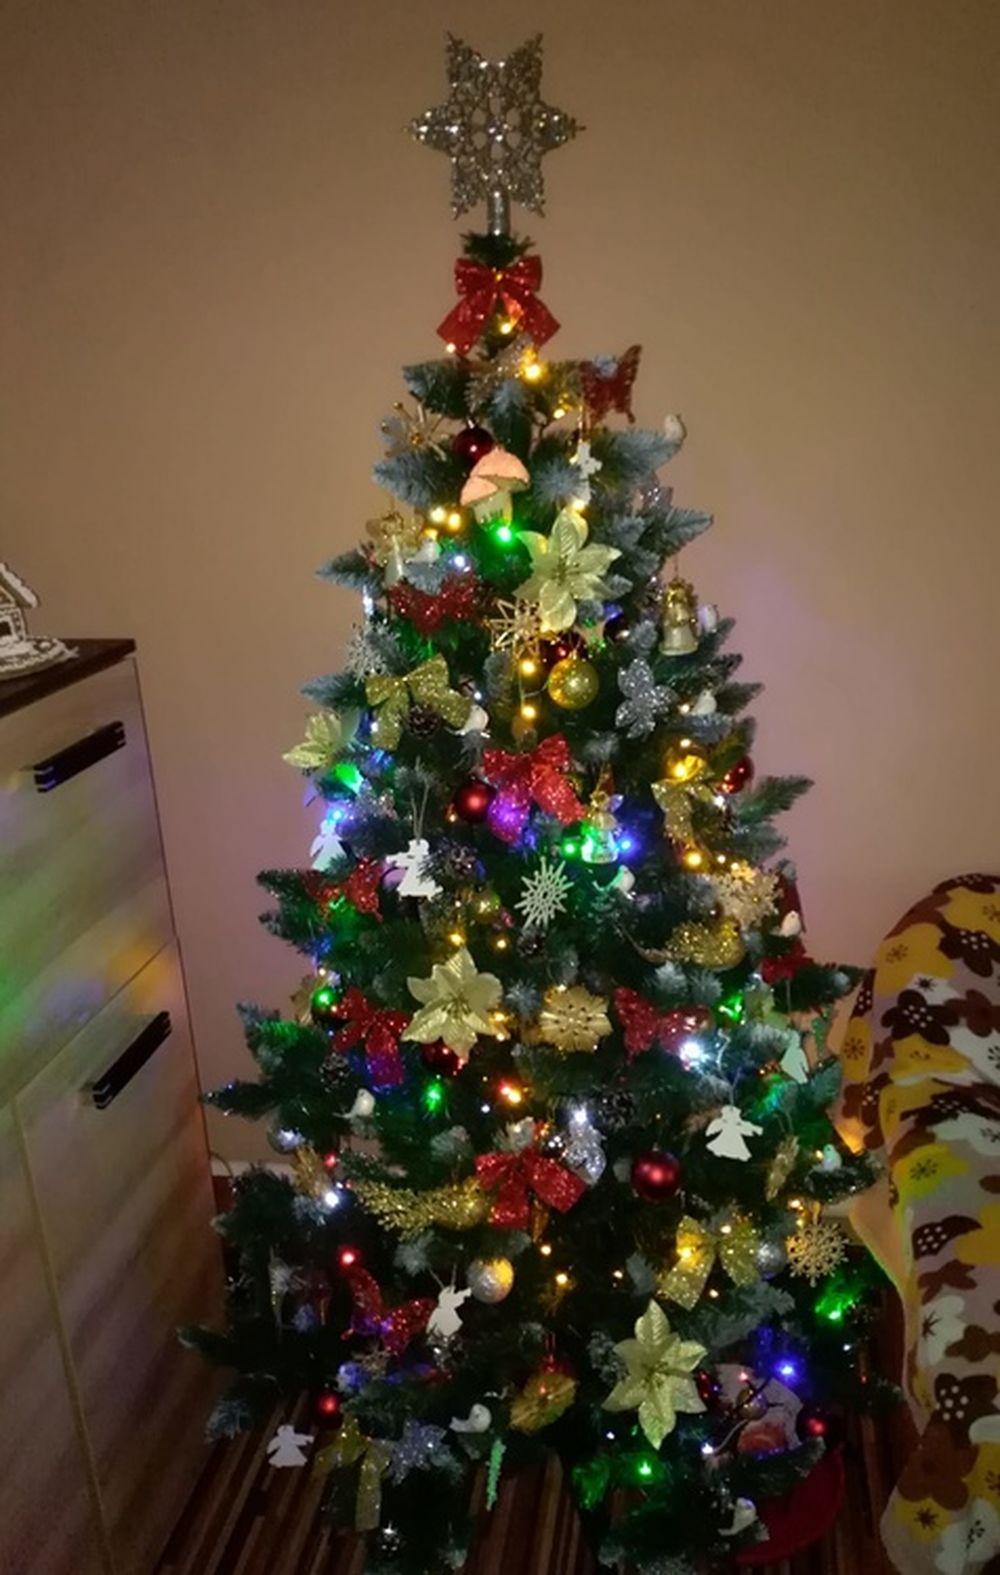 FOTO: Vianočné stromčeky v Žiline - výber fotografií našich čitateľov, foto 56